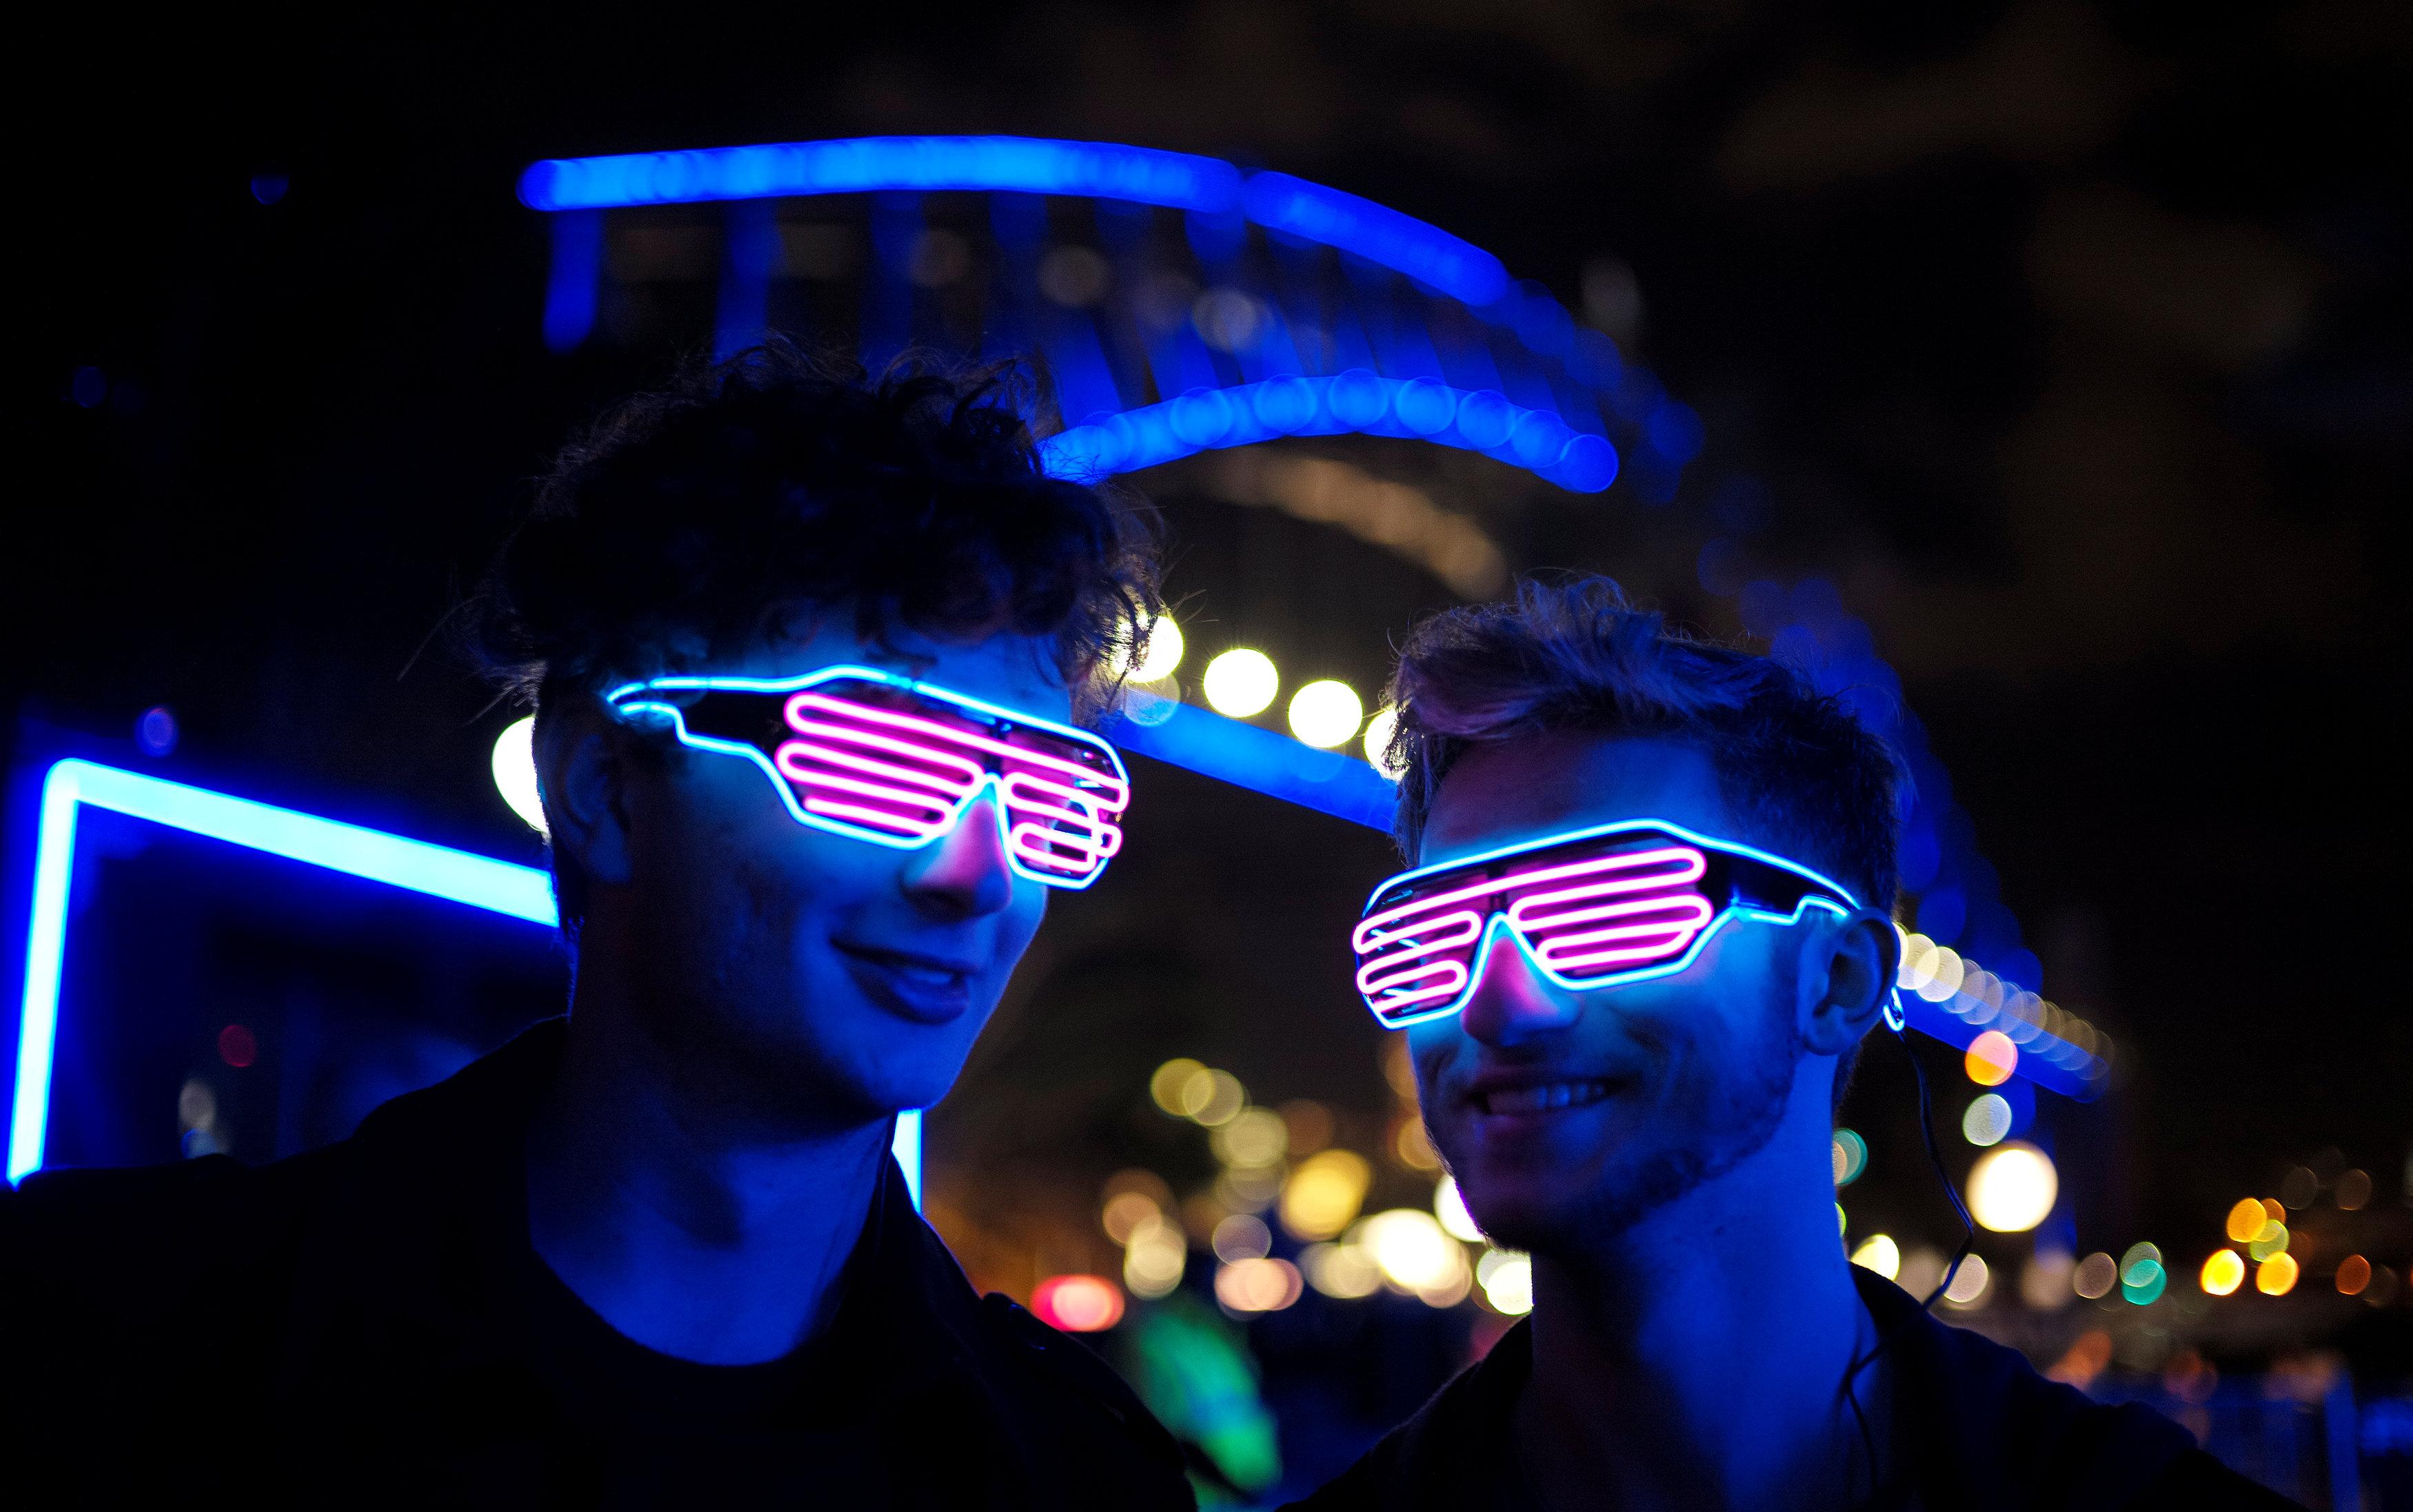 شباب يرتدين نظارات مضيئة فى مهرجان سيدنى